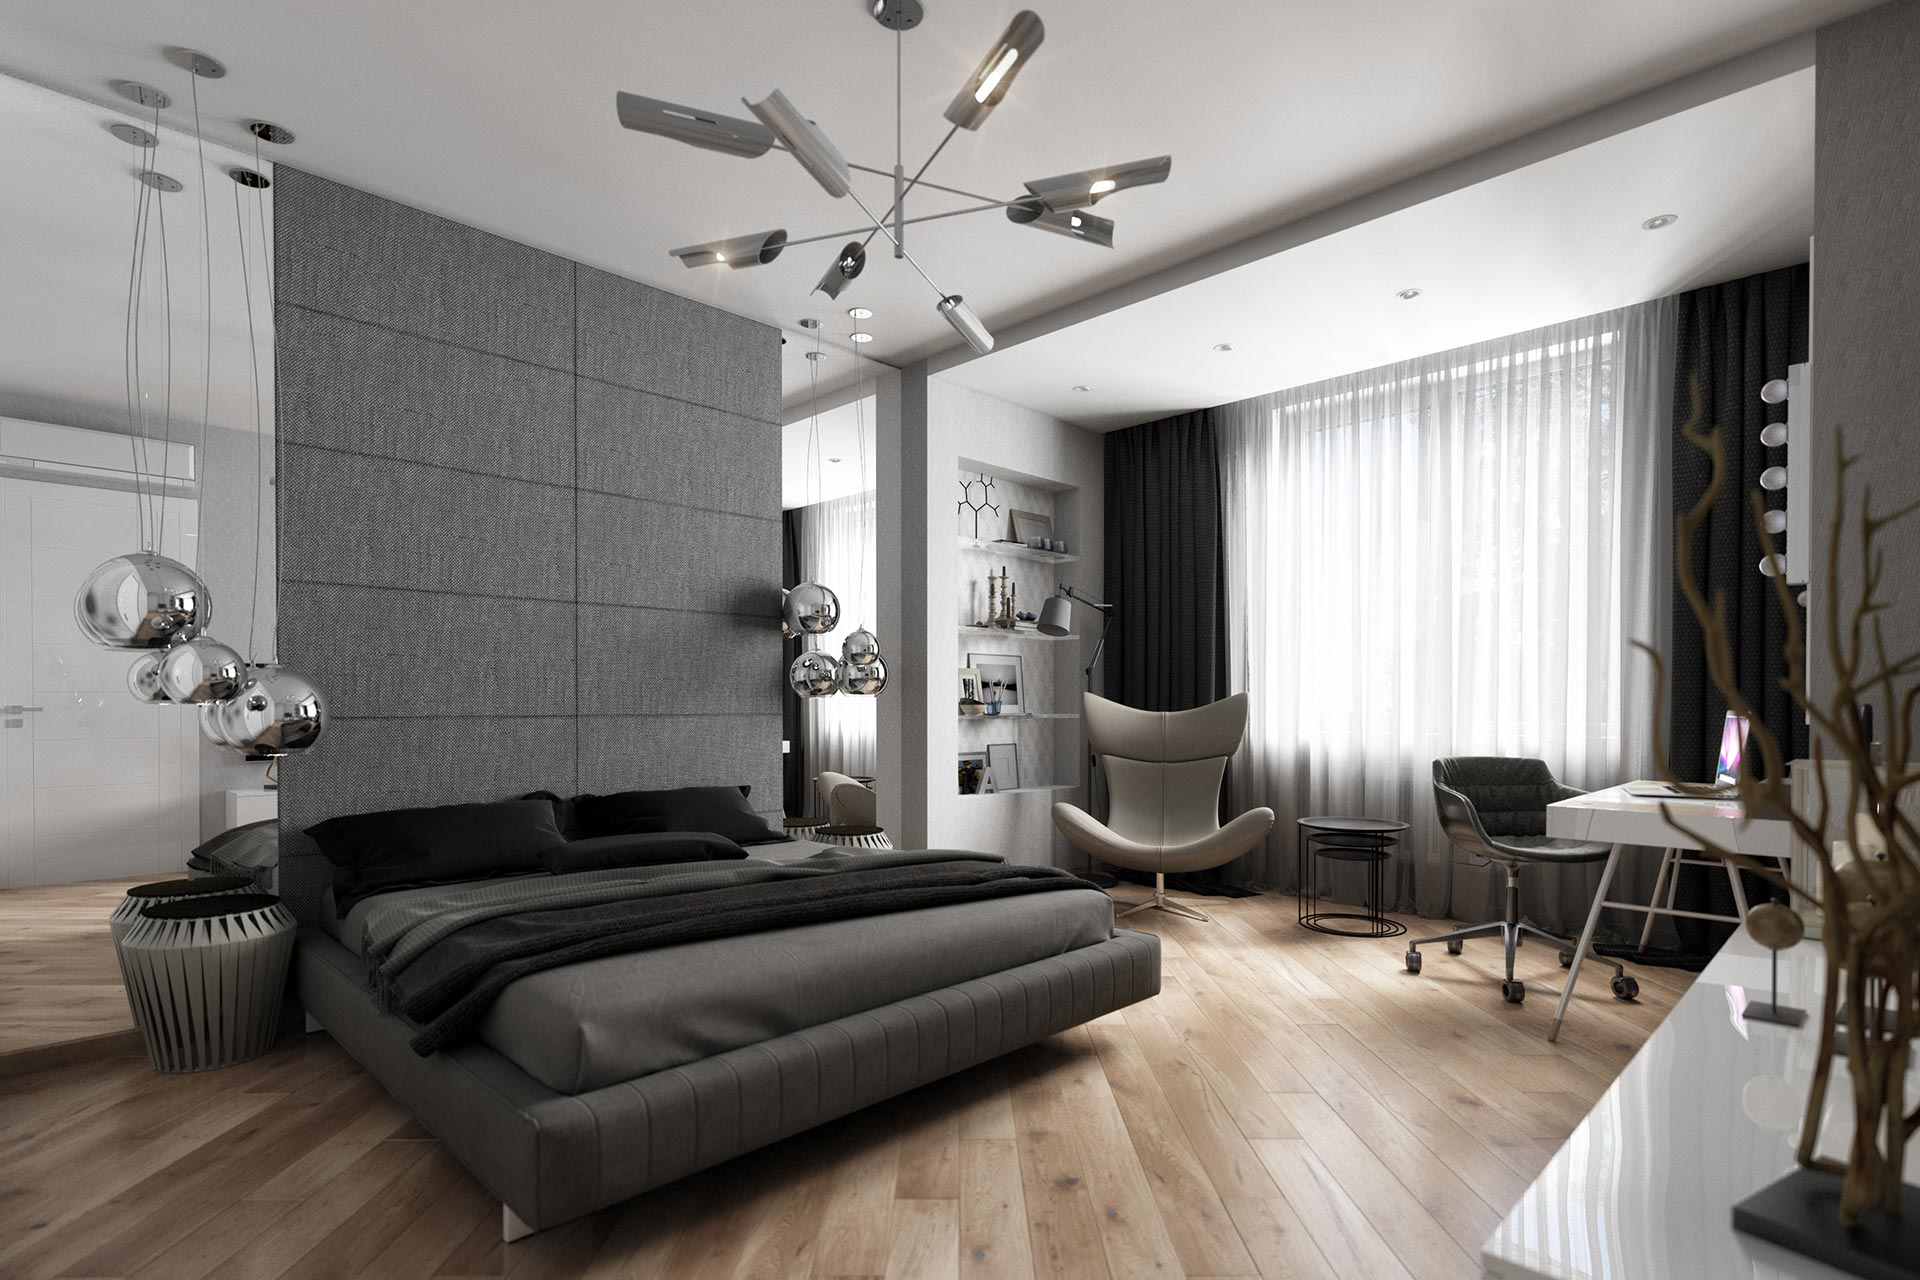 Интерьер квартиры в ЖК Мосфильмовский | Стиль минимализм